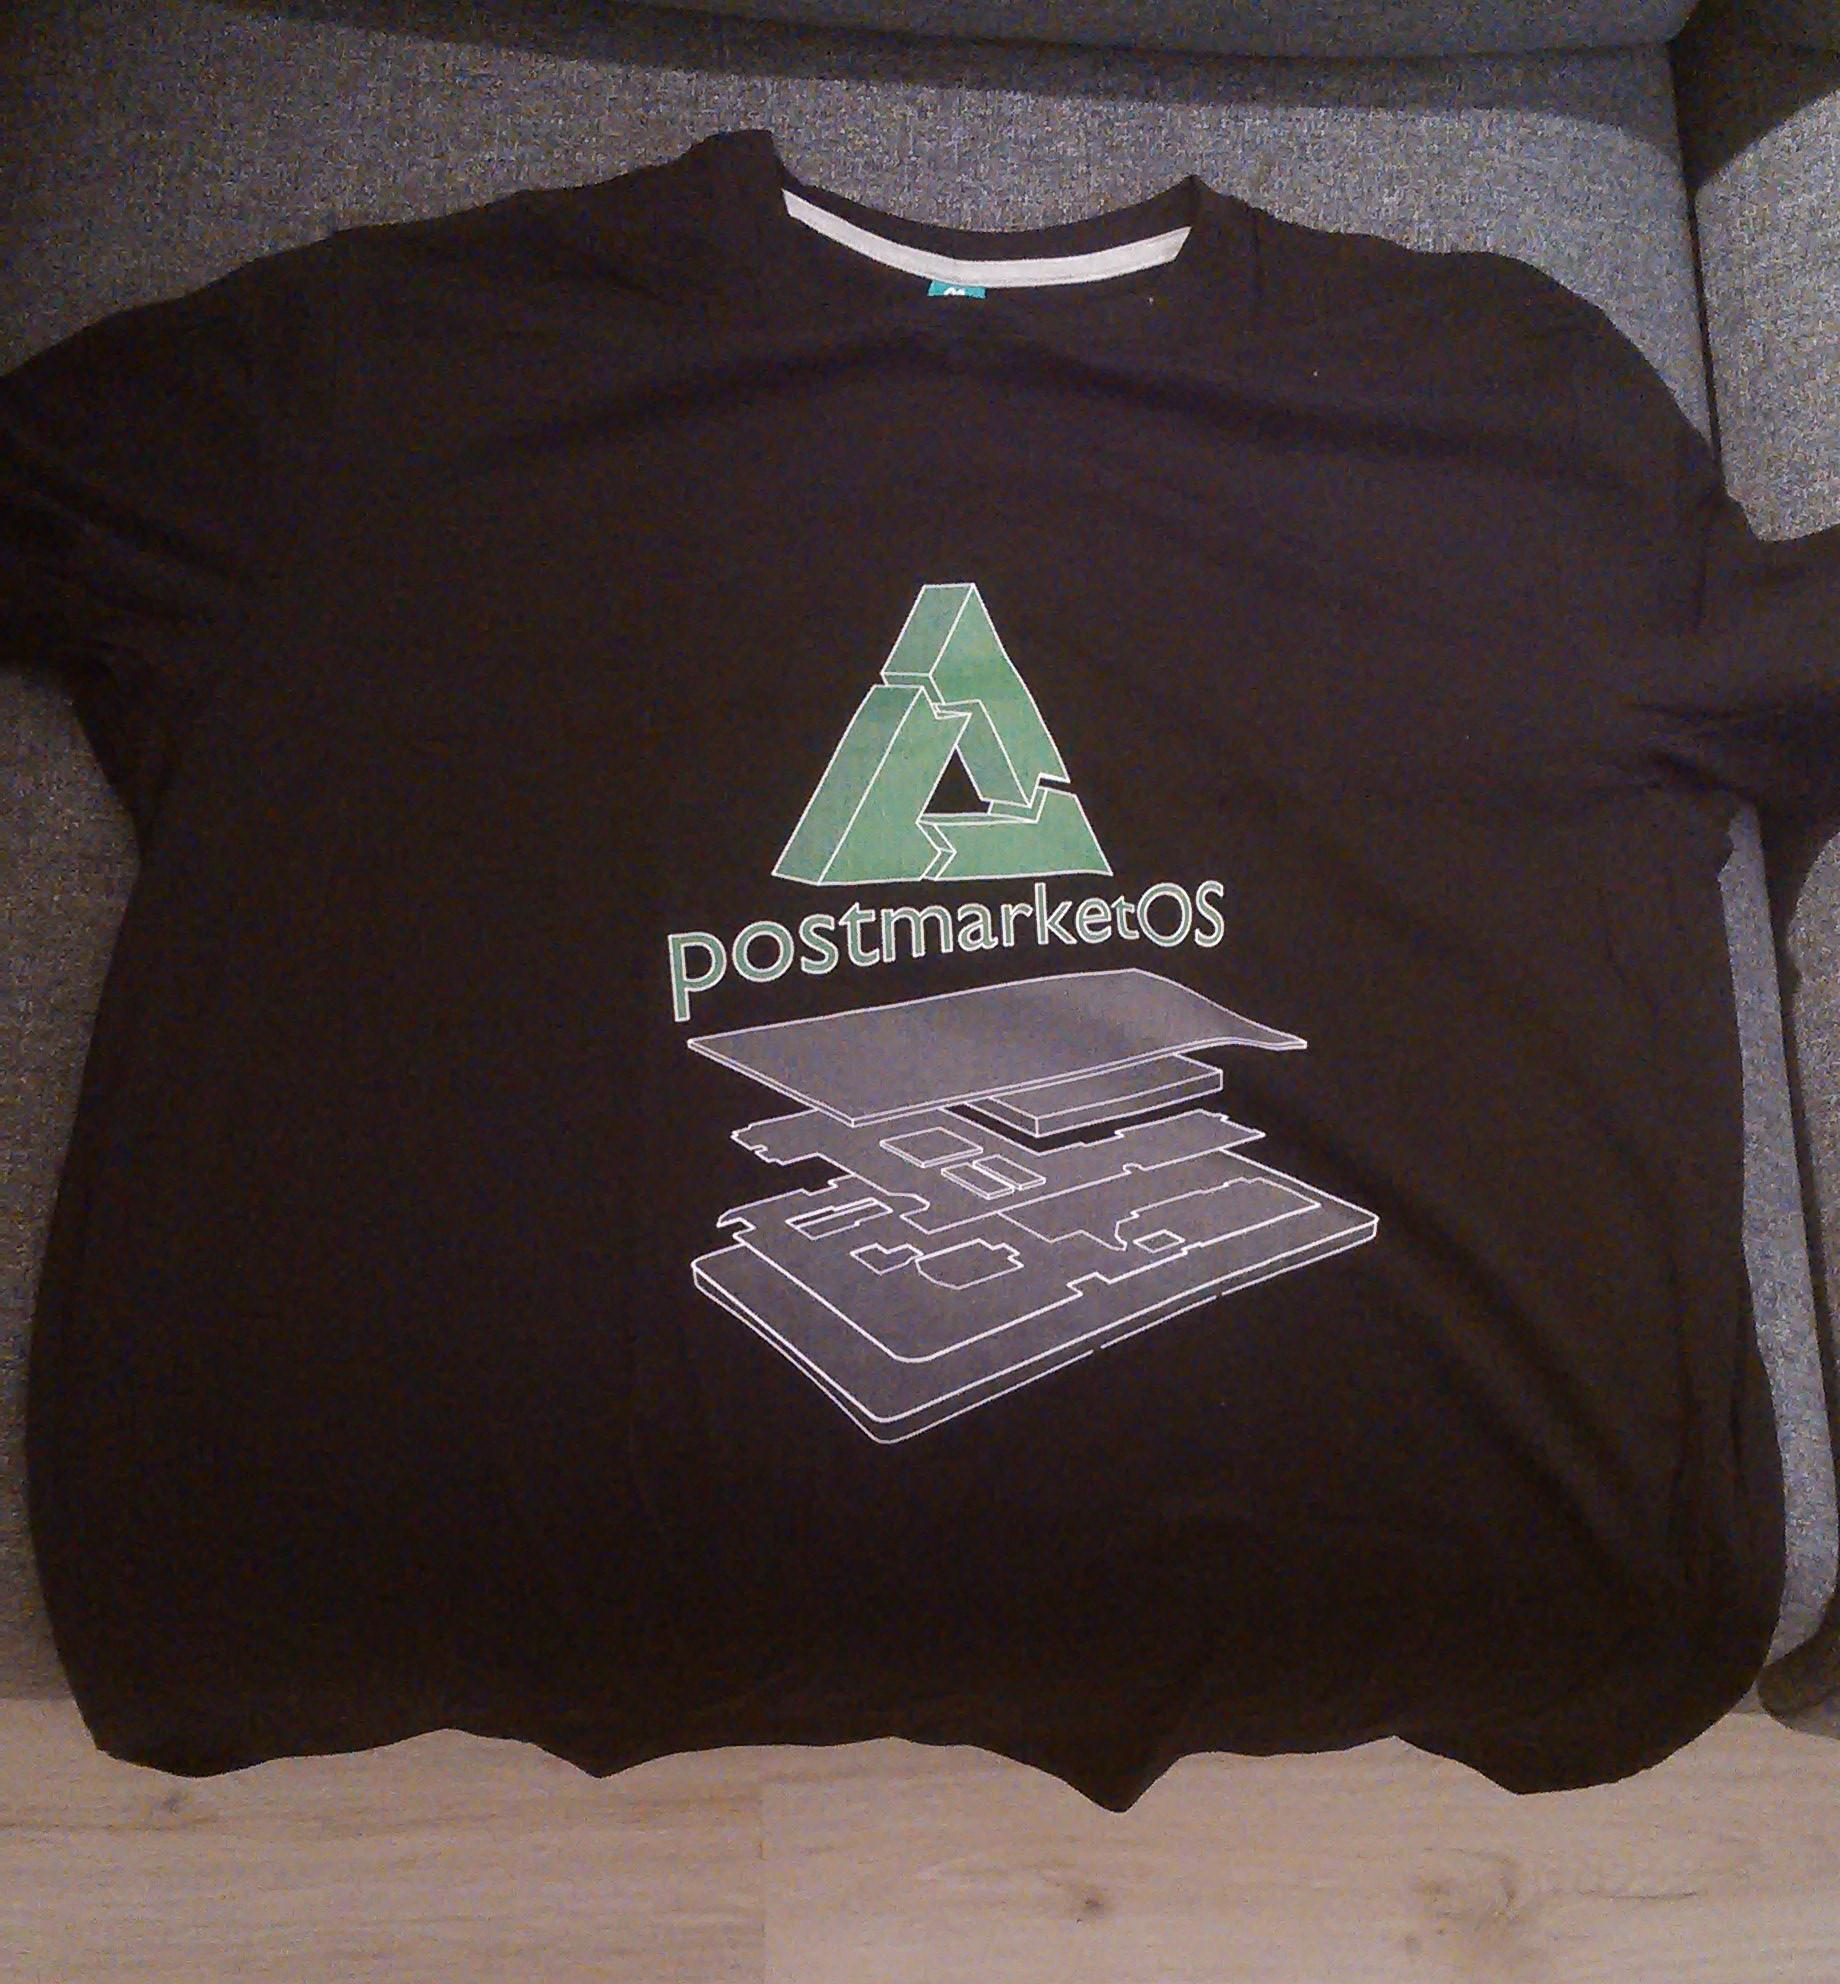 static/img/2017-12/logo-shirt.jpg